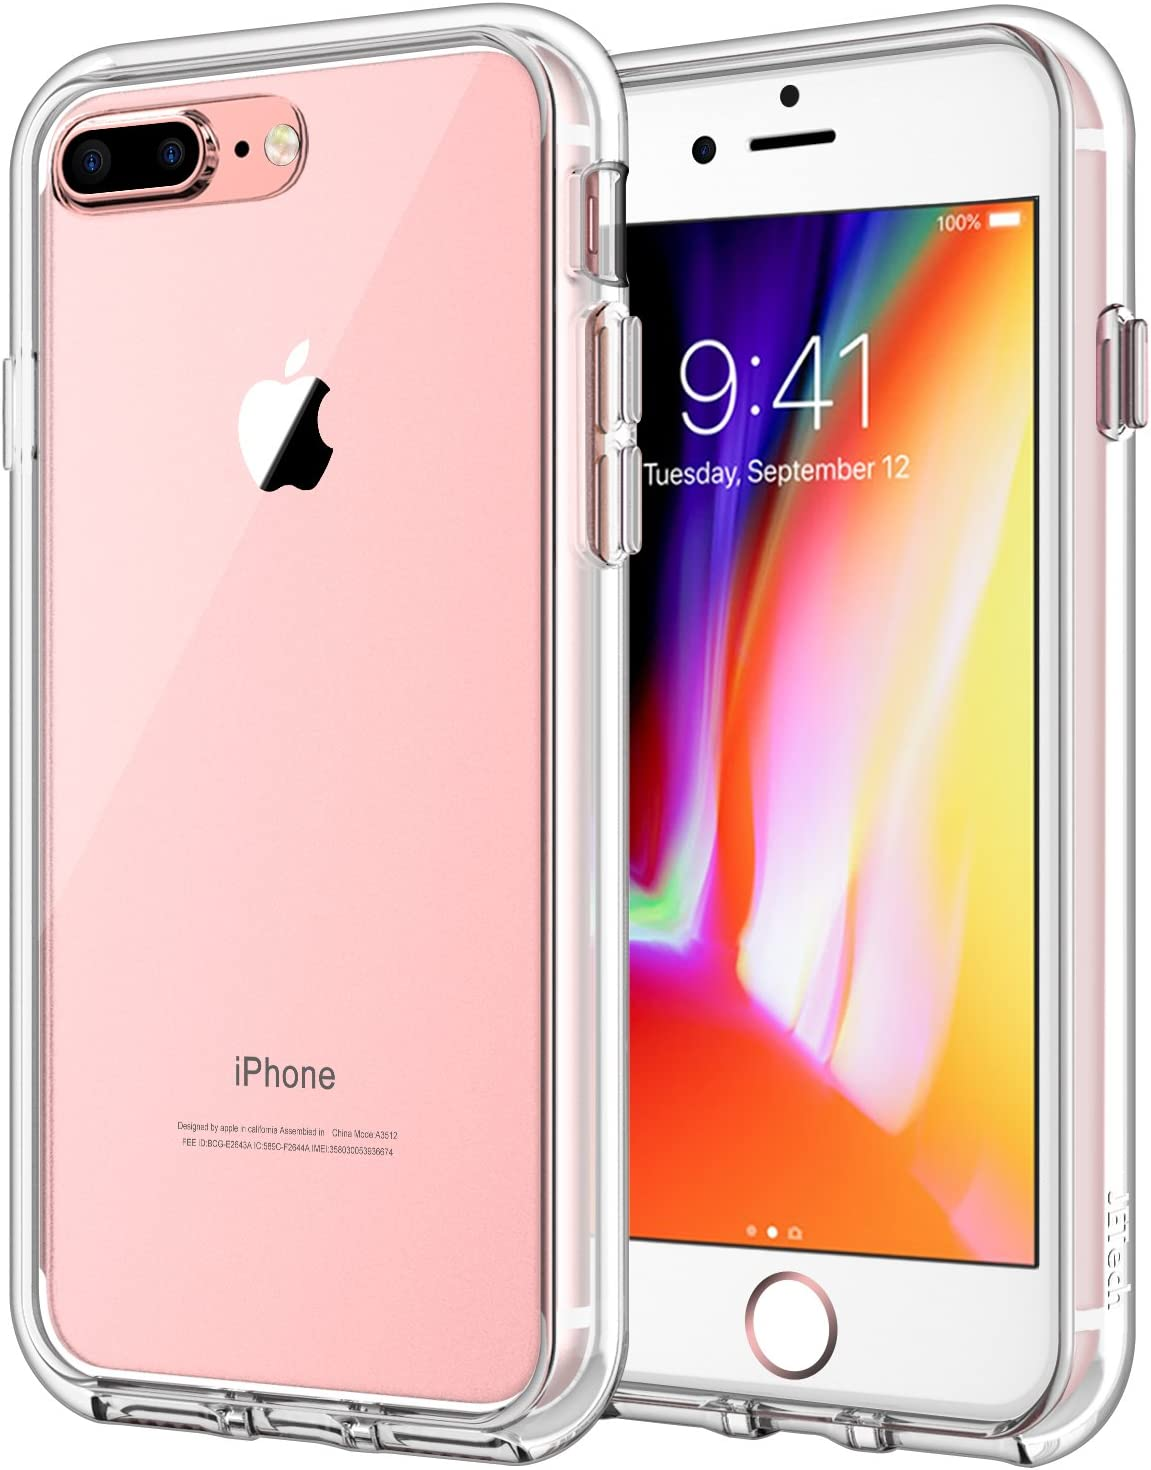 Miglior Custodia Iphone 6 Piquadro [2020] - Valutazioni e migliori